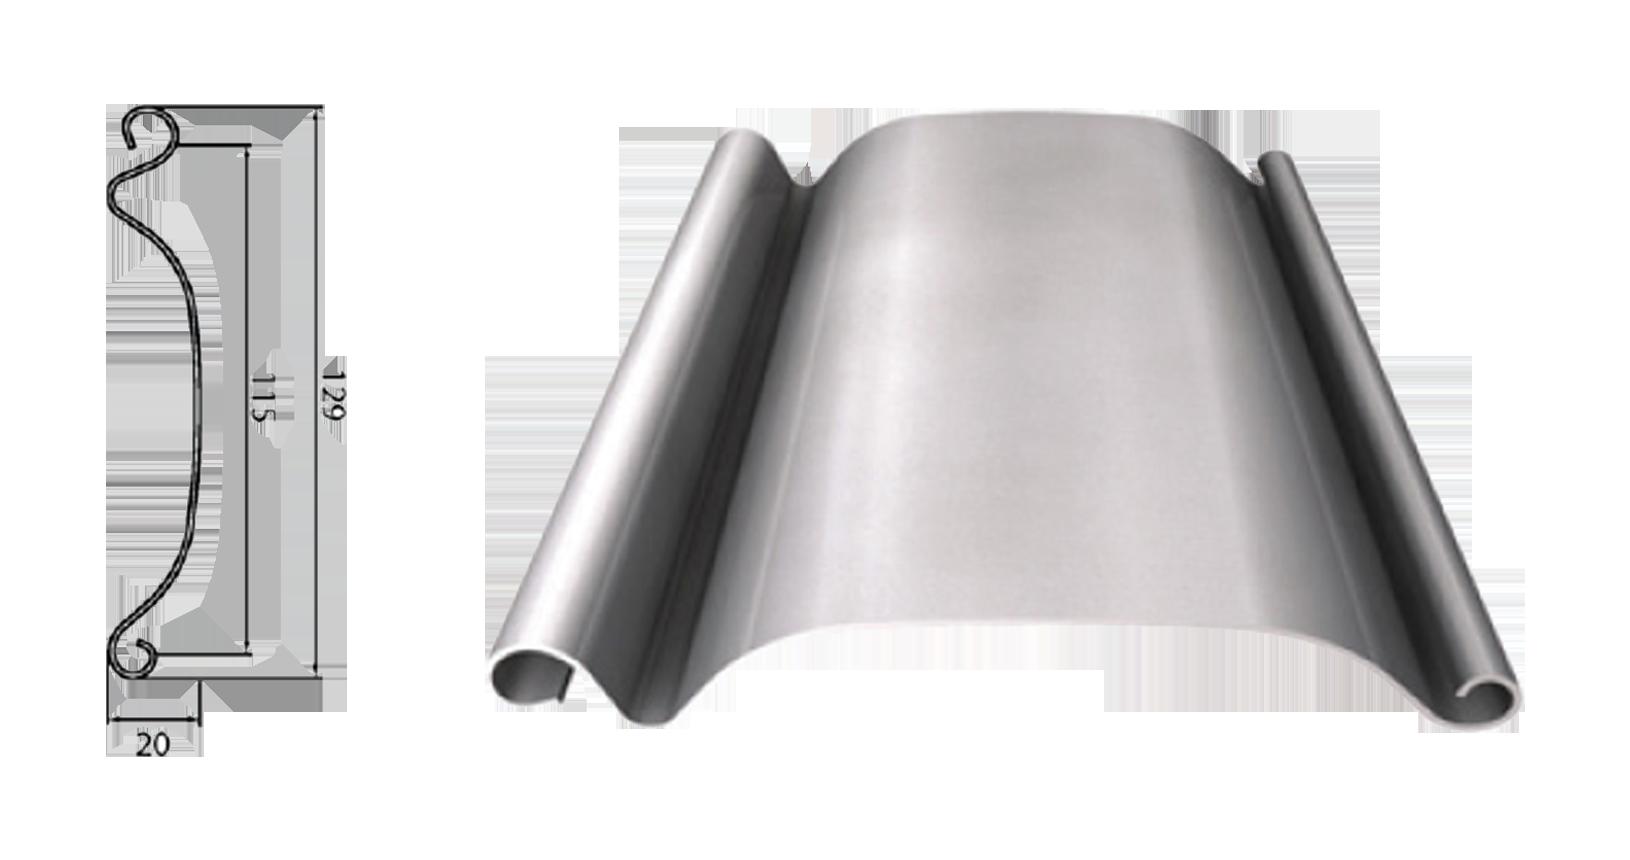 guney-kepenk-GC-115-galvanizli-celik-profili